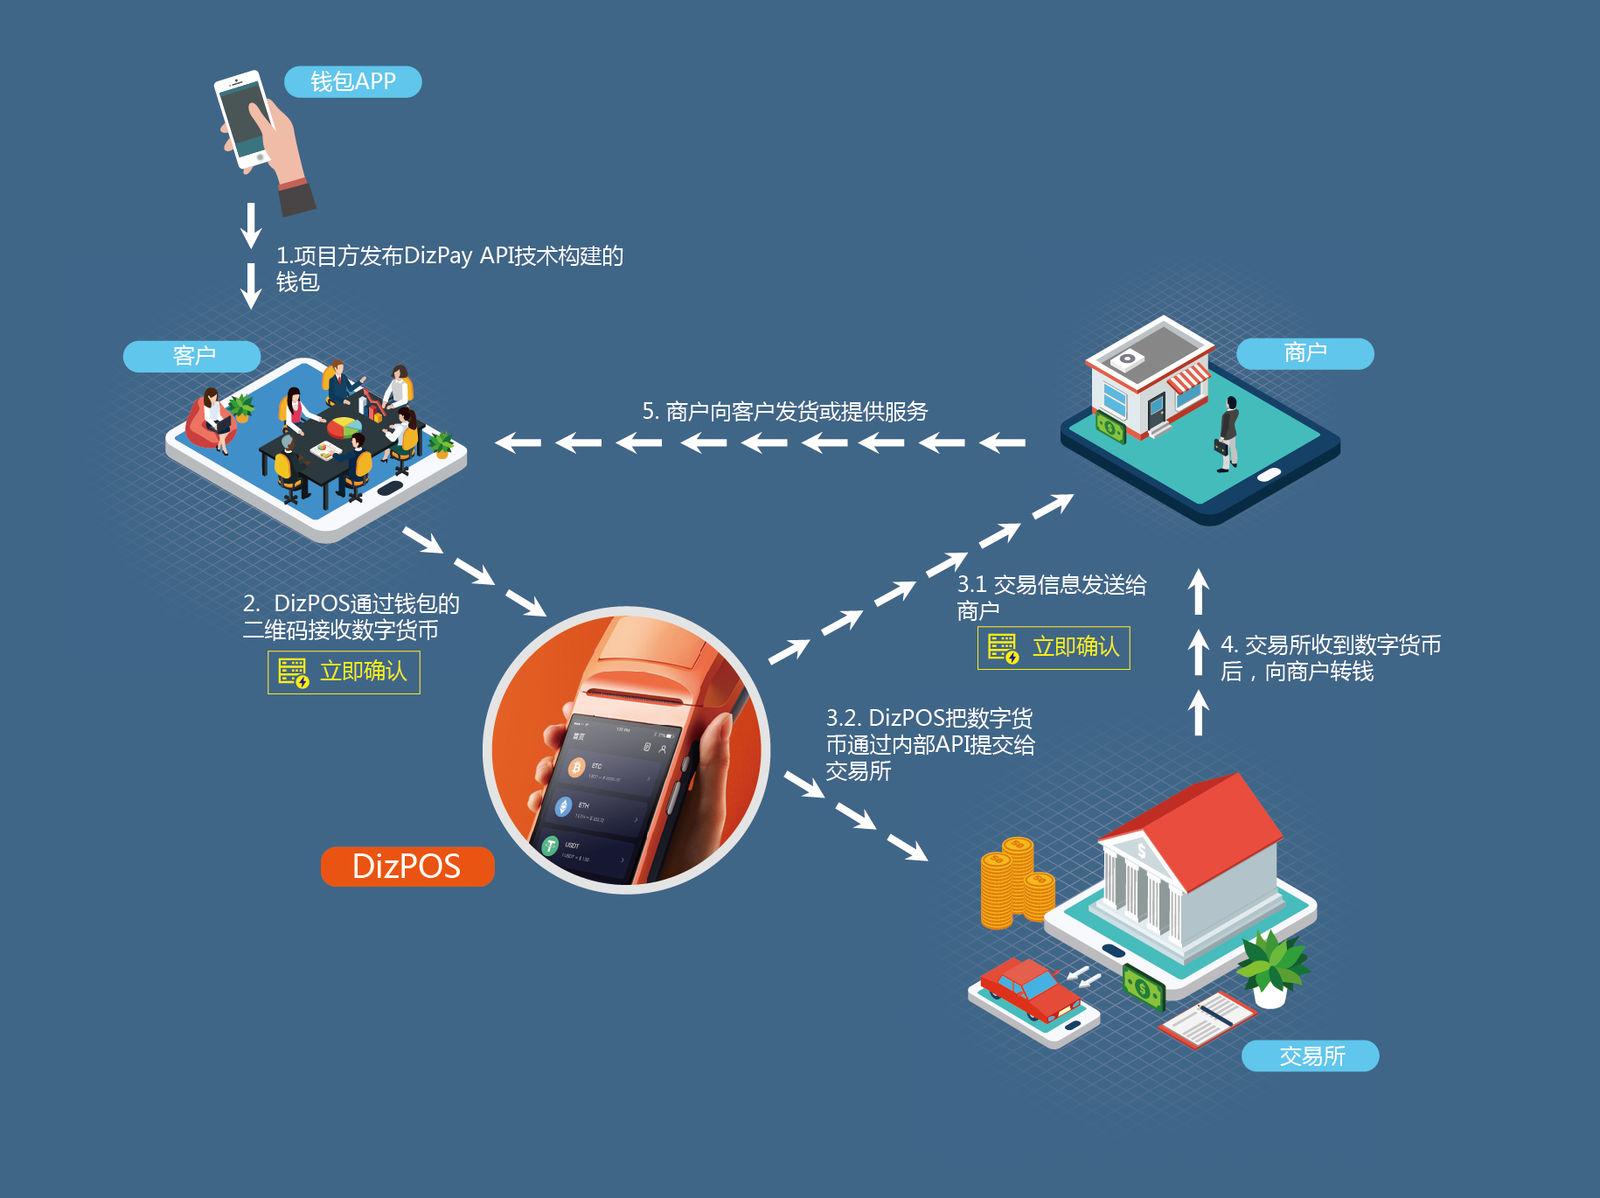 DizPOS Workflow